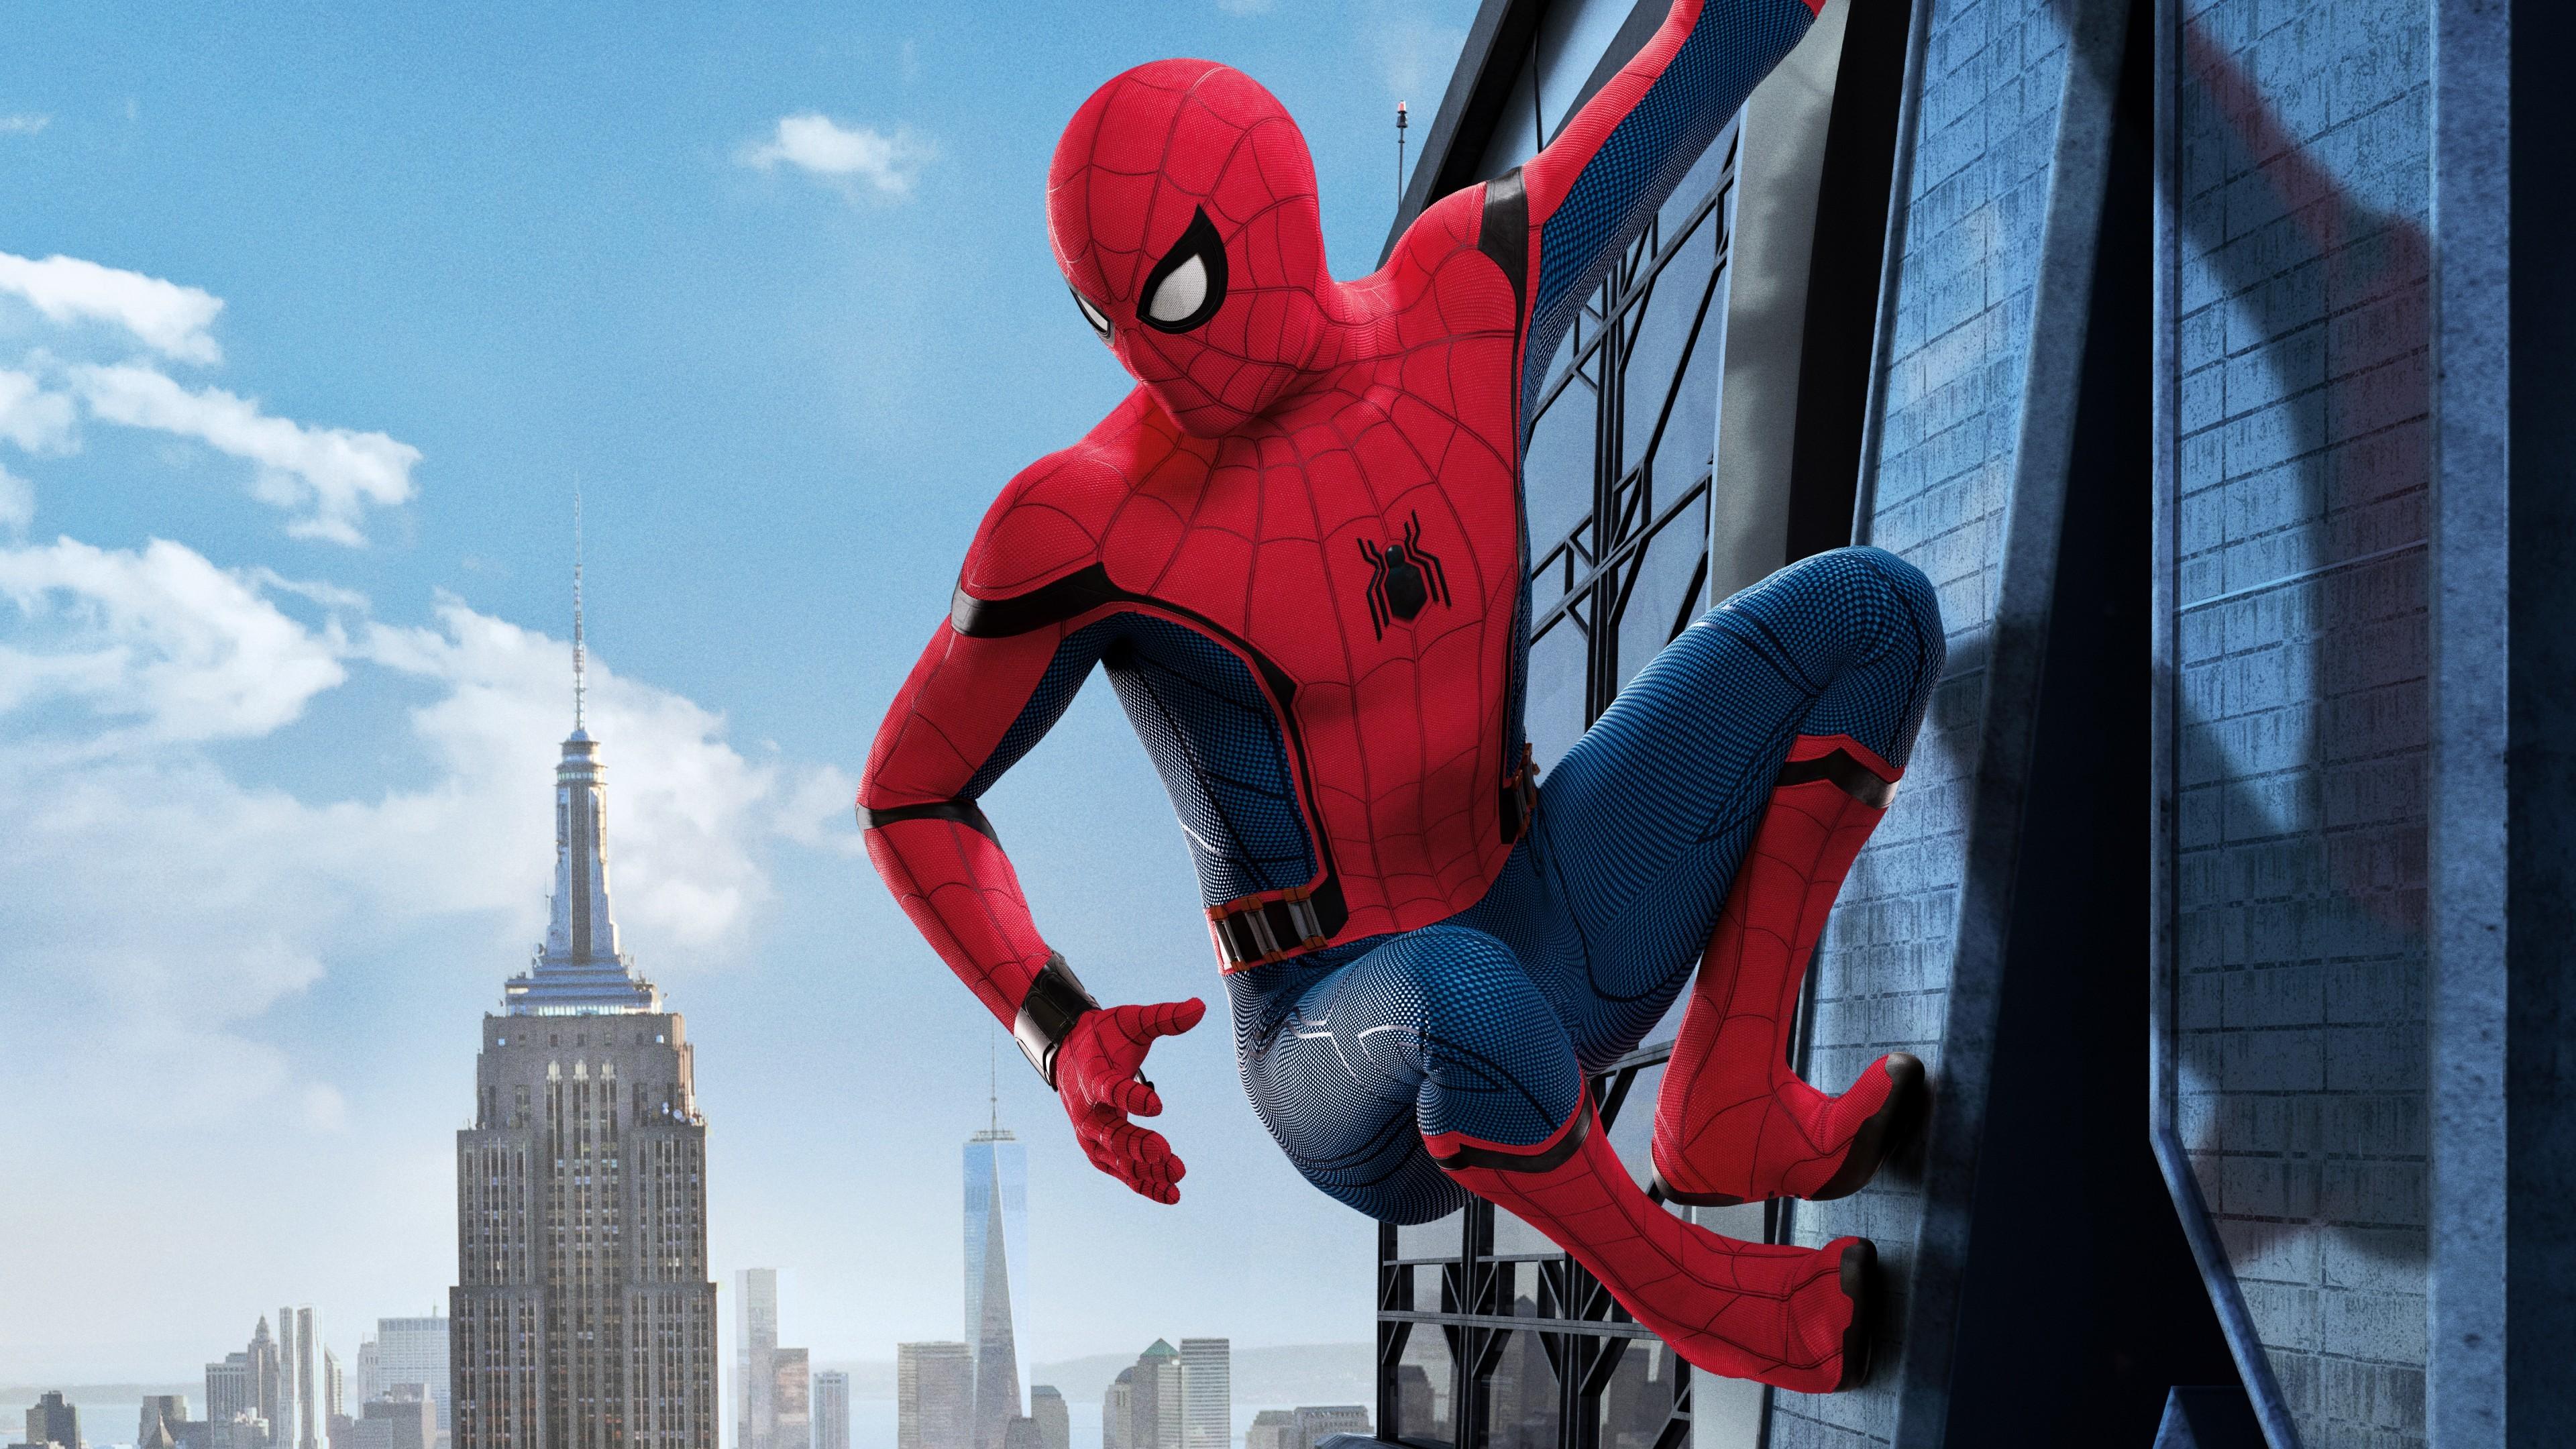 Hình ảnh Spider Man cool ngầu